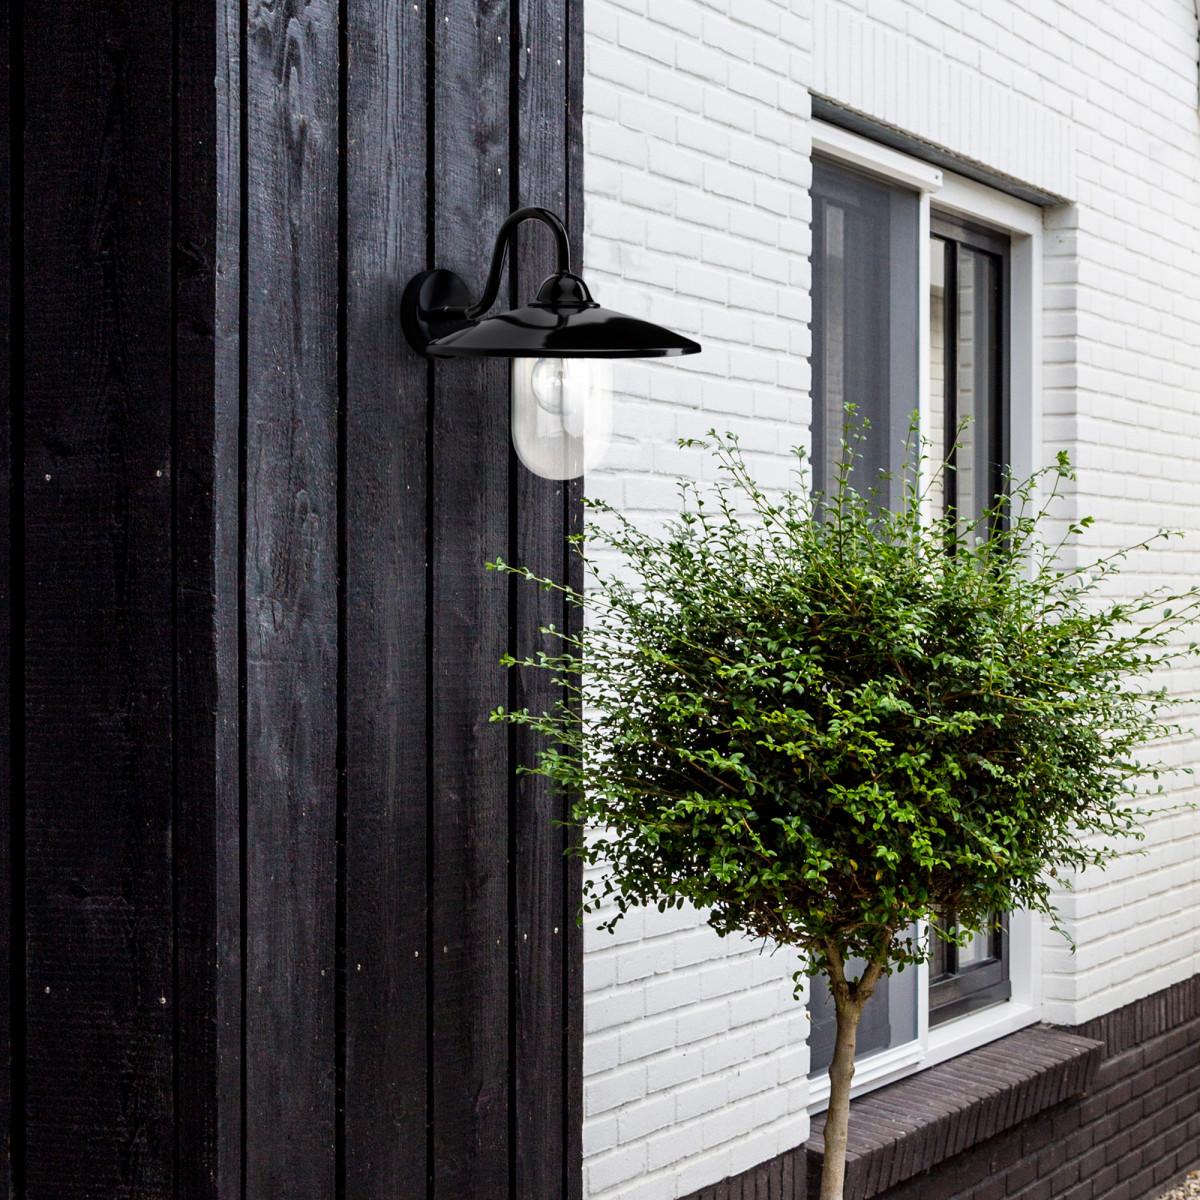 Hoflampe Brig Hochglanz Schwarz, diee Außenwandleuchte  hat einen schlichten, ländlichen Touch